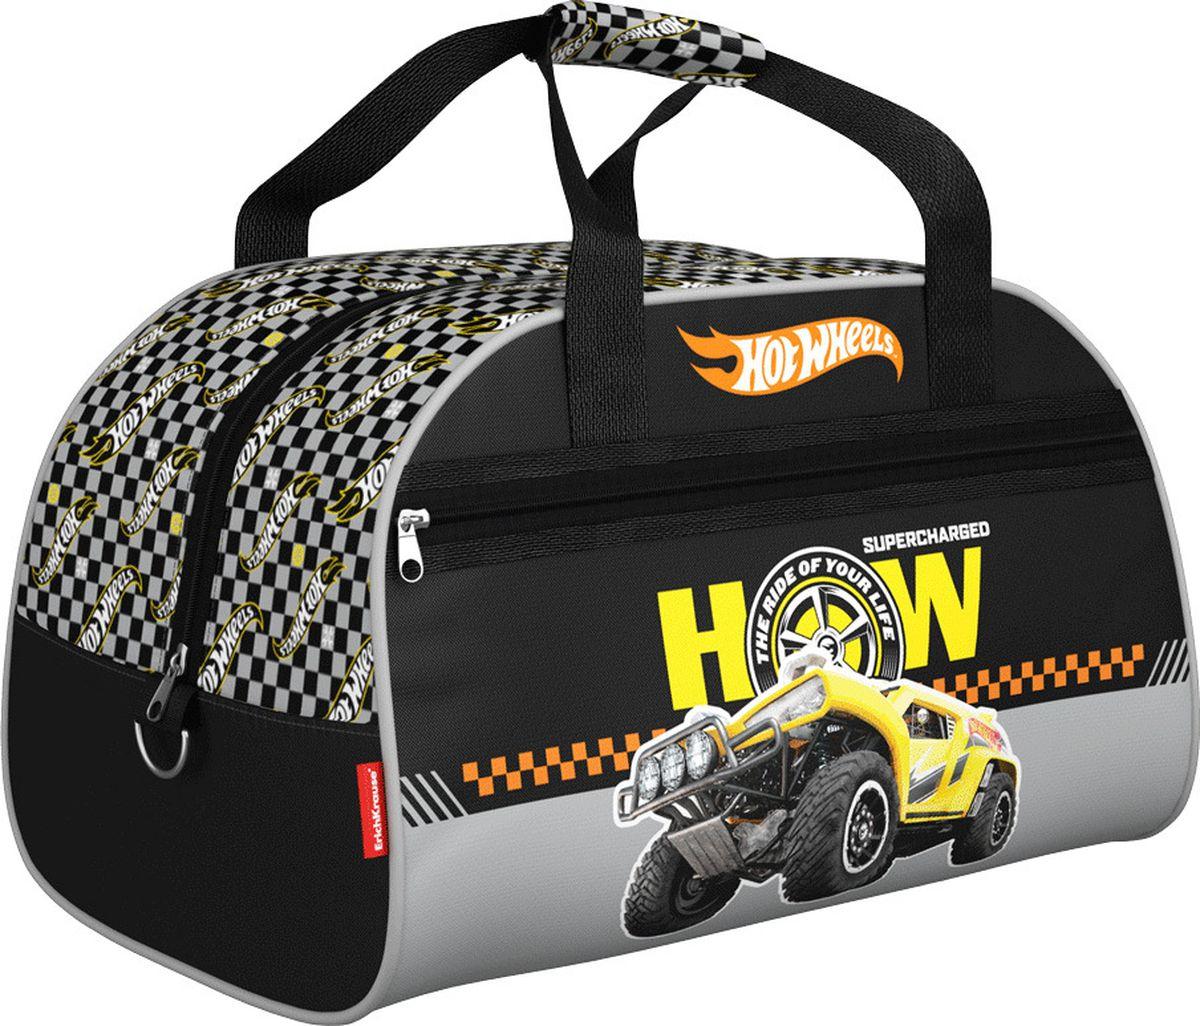 Mattel Сумка для сменной обуви Hot Wheels Big Foot 4243042430Детская сумка Mattel предназначена для спортивных вещей. Сумка выполнена из водонепроницаемого материала и имеет одно основное отделение, закрывающееся на молнию.Ручки на липучке, снаружи имеется карман на молнии.